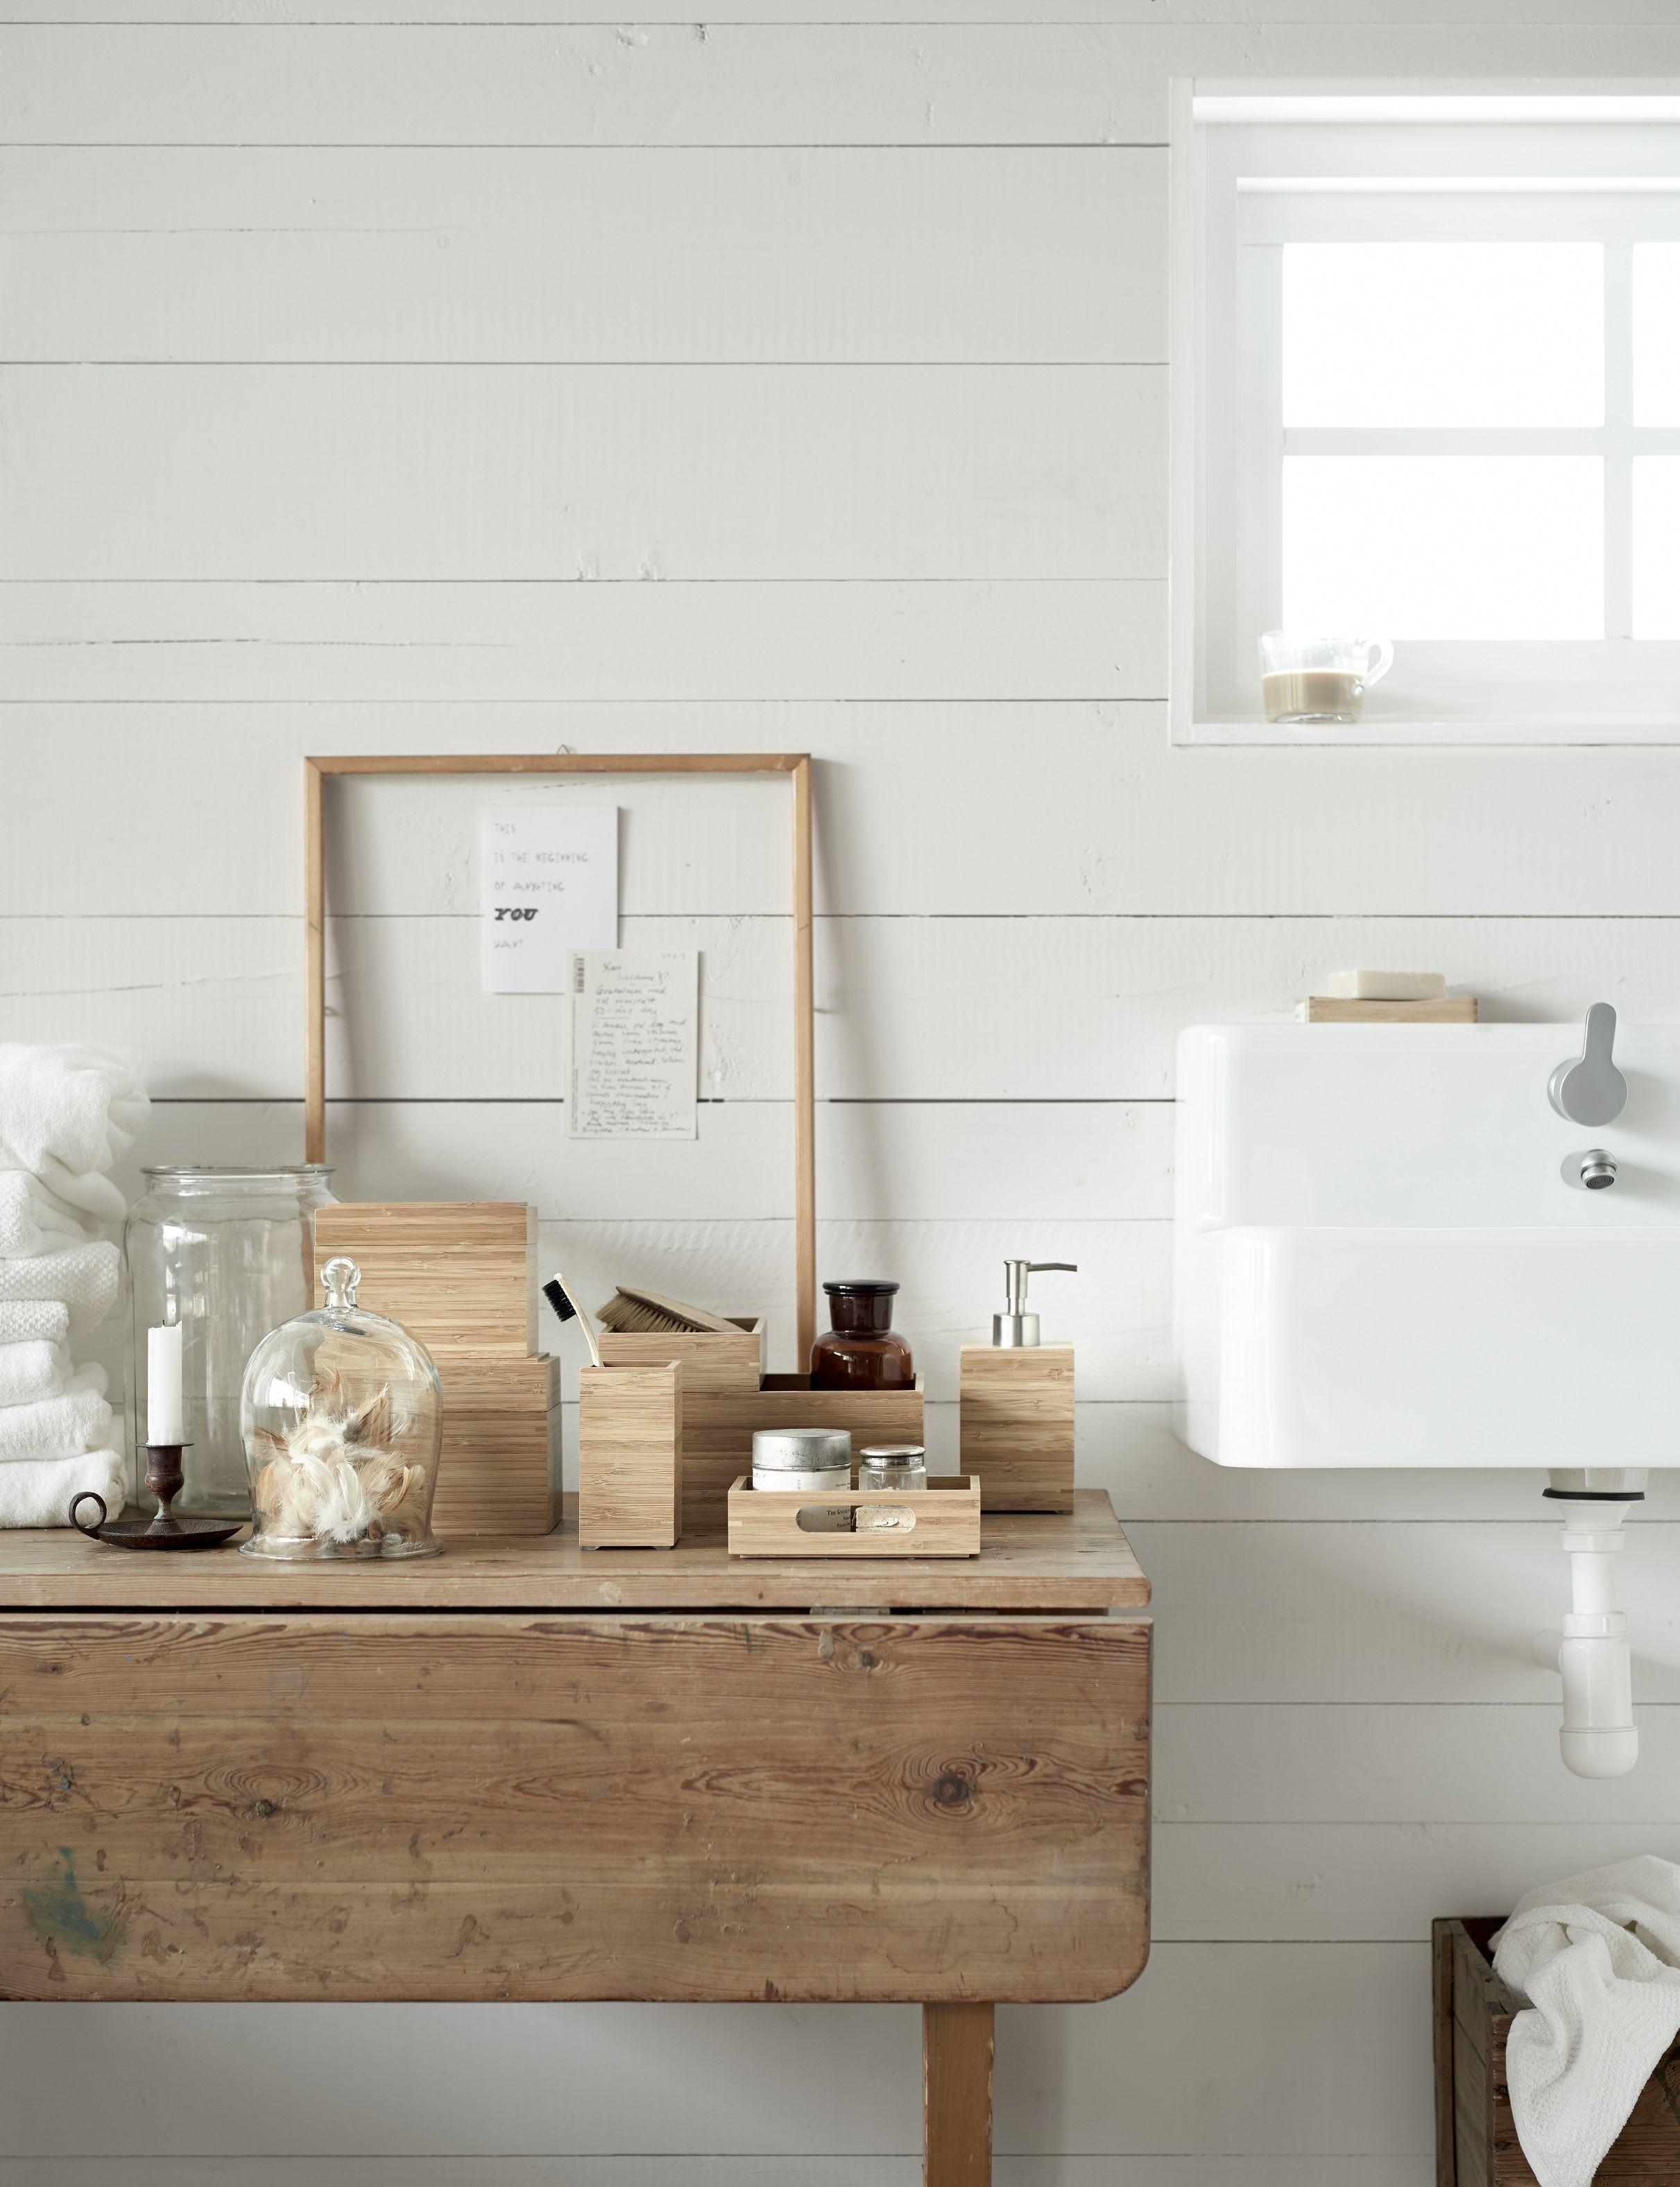 Super Ikea Keuken Basiselementen – Informatie Over de Keuken @YK07